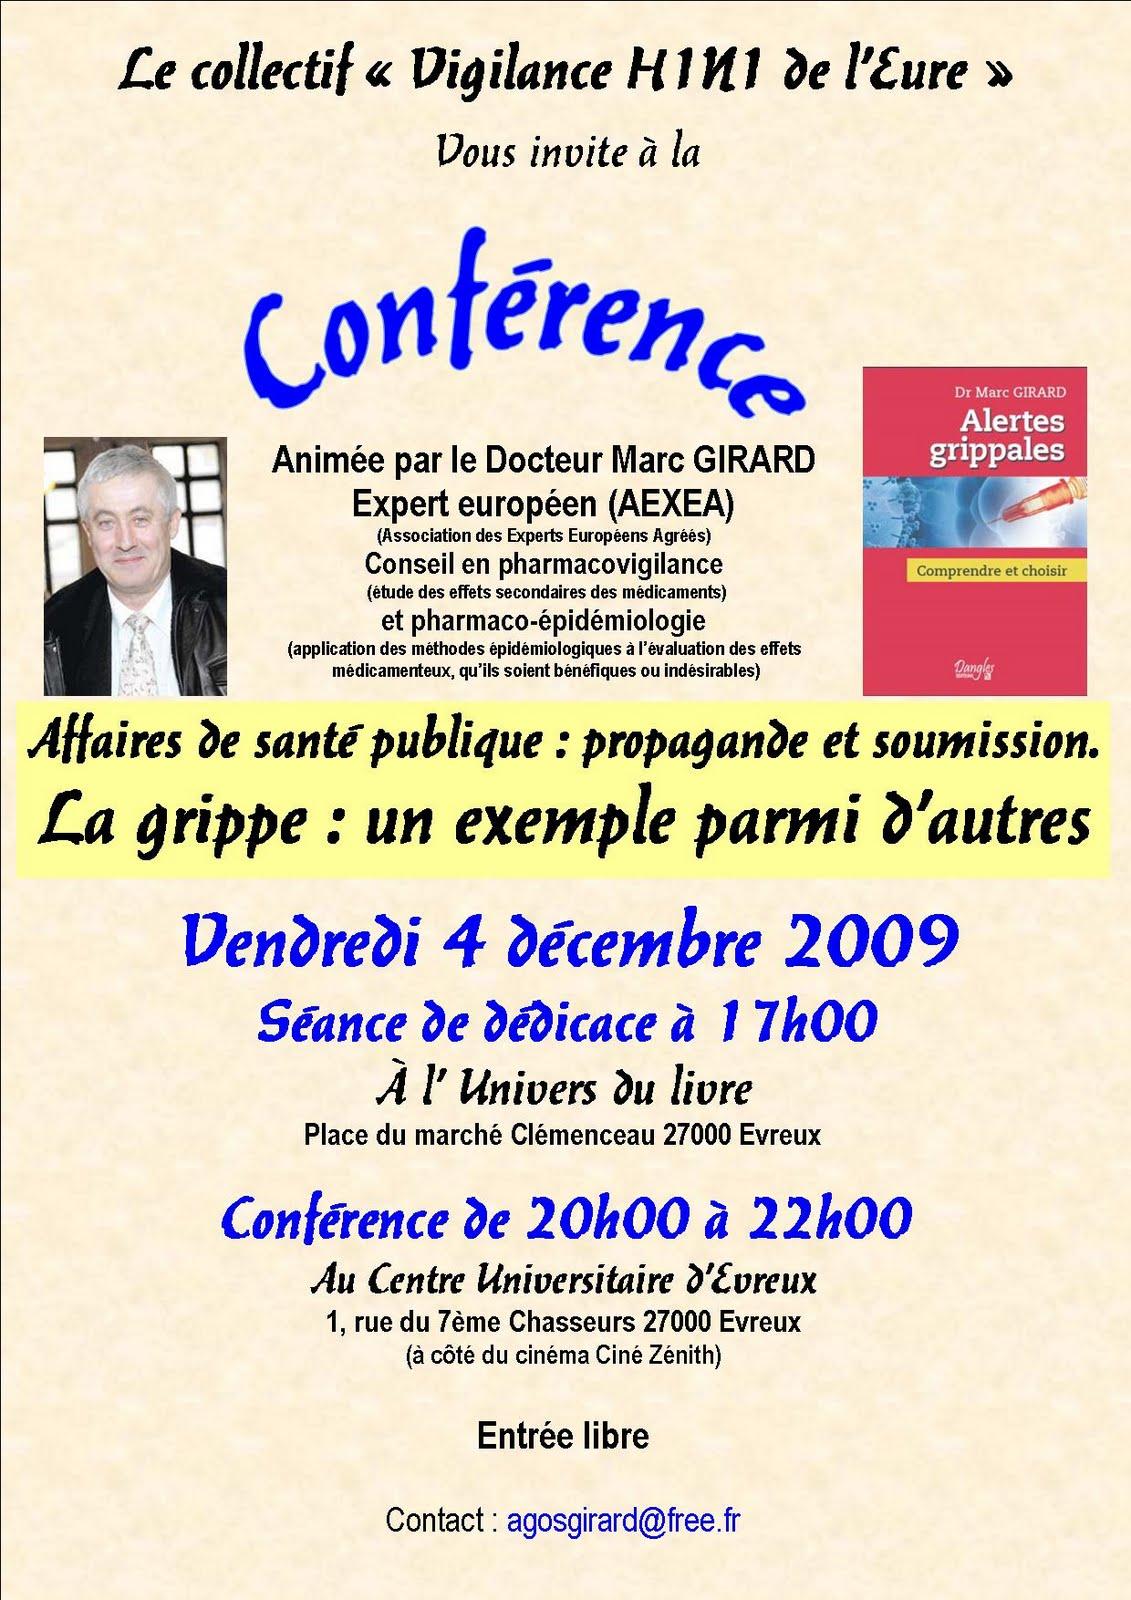 Conférence débat sur la vaccination contre la grippe A H1N1 Annimée par le Docteur Marc GIRARD